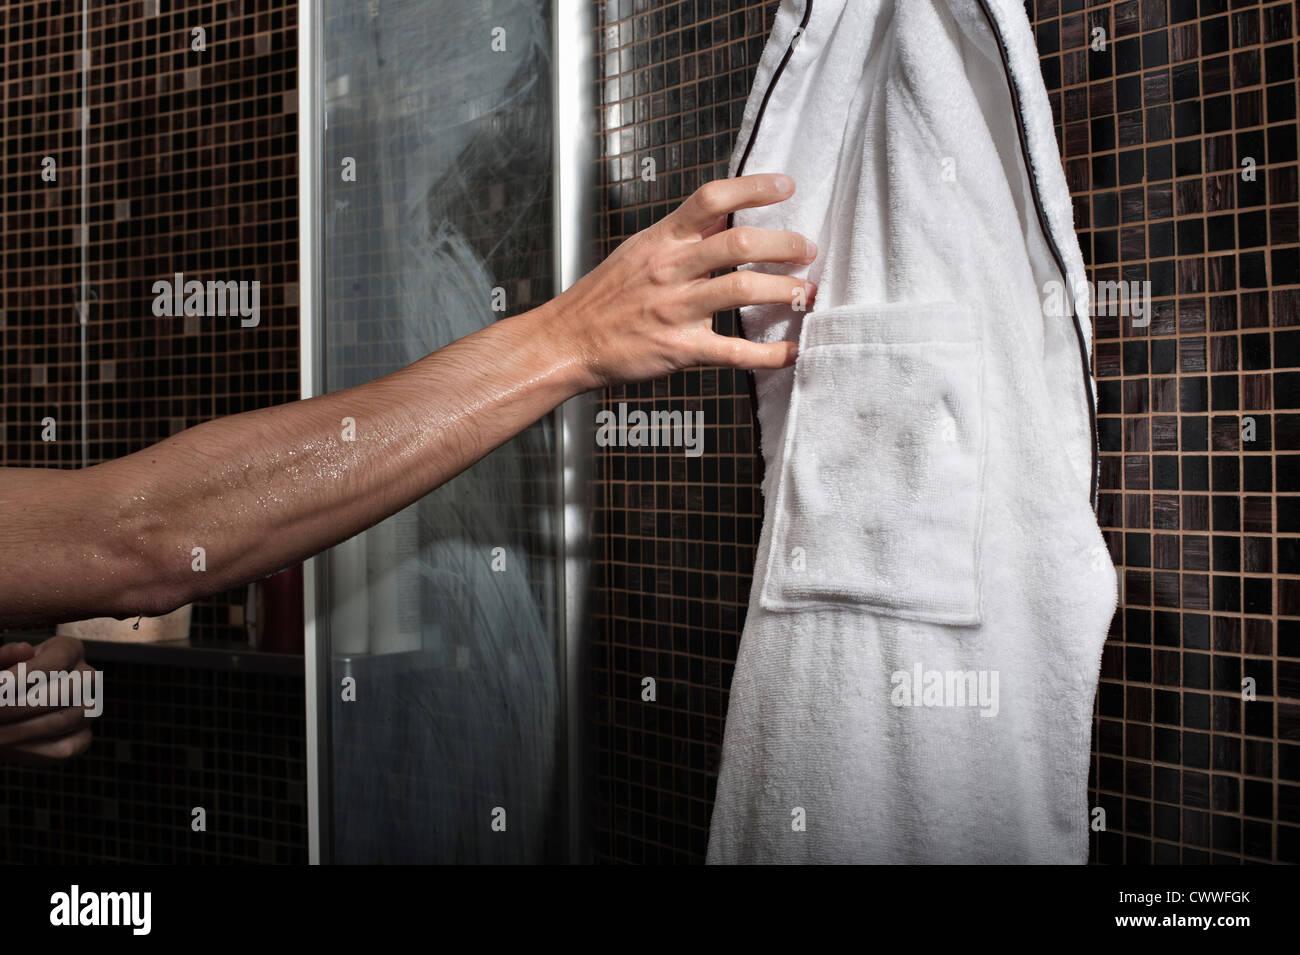 Pour atteindre l'homme peignoir de douche Photo Stock